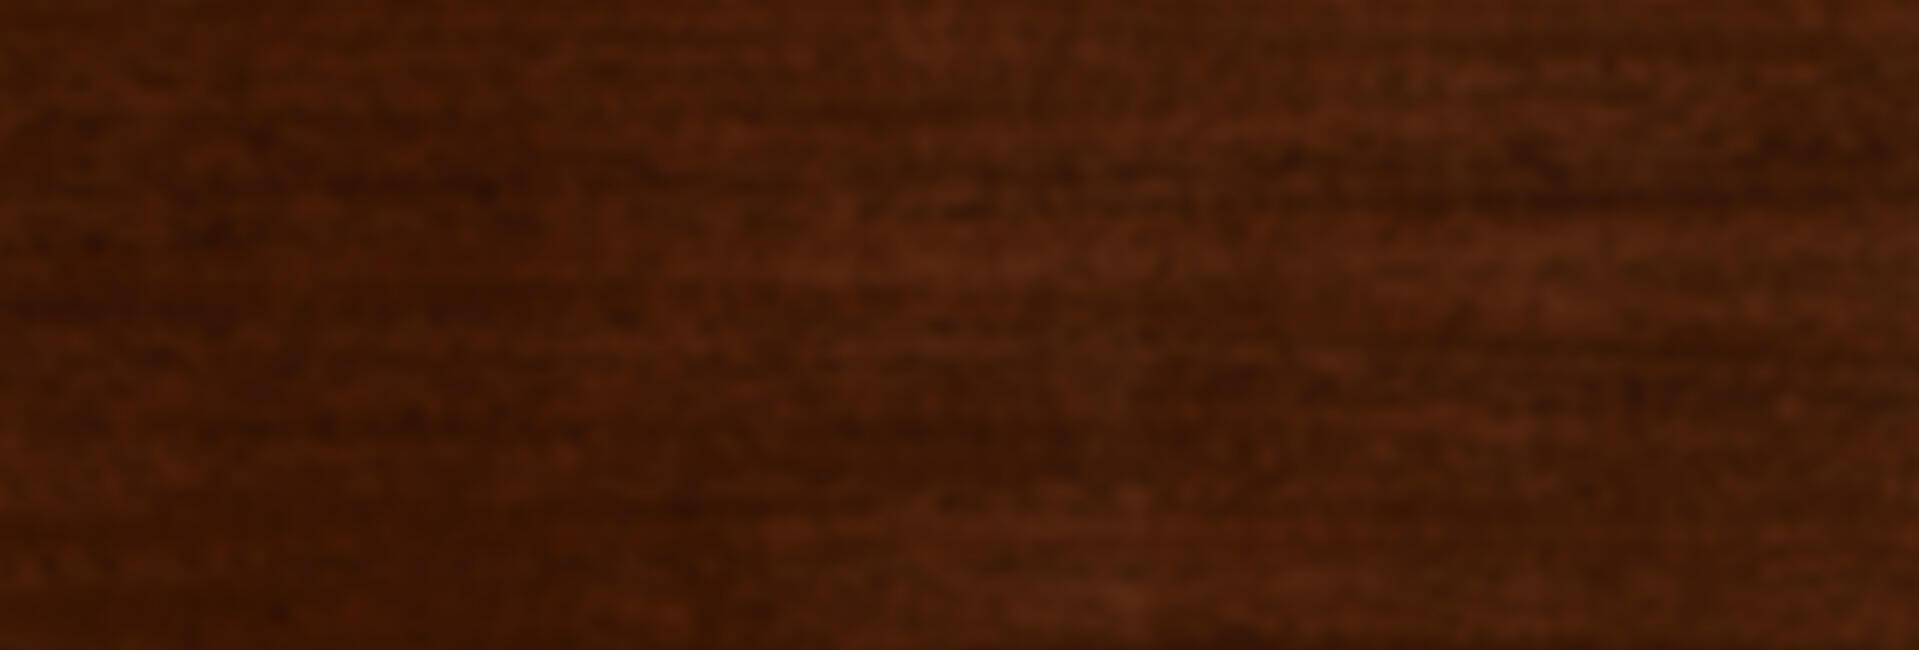 tropical mahogany taylor guitars